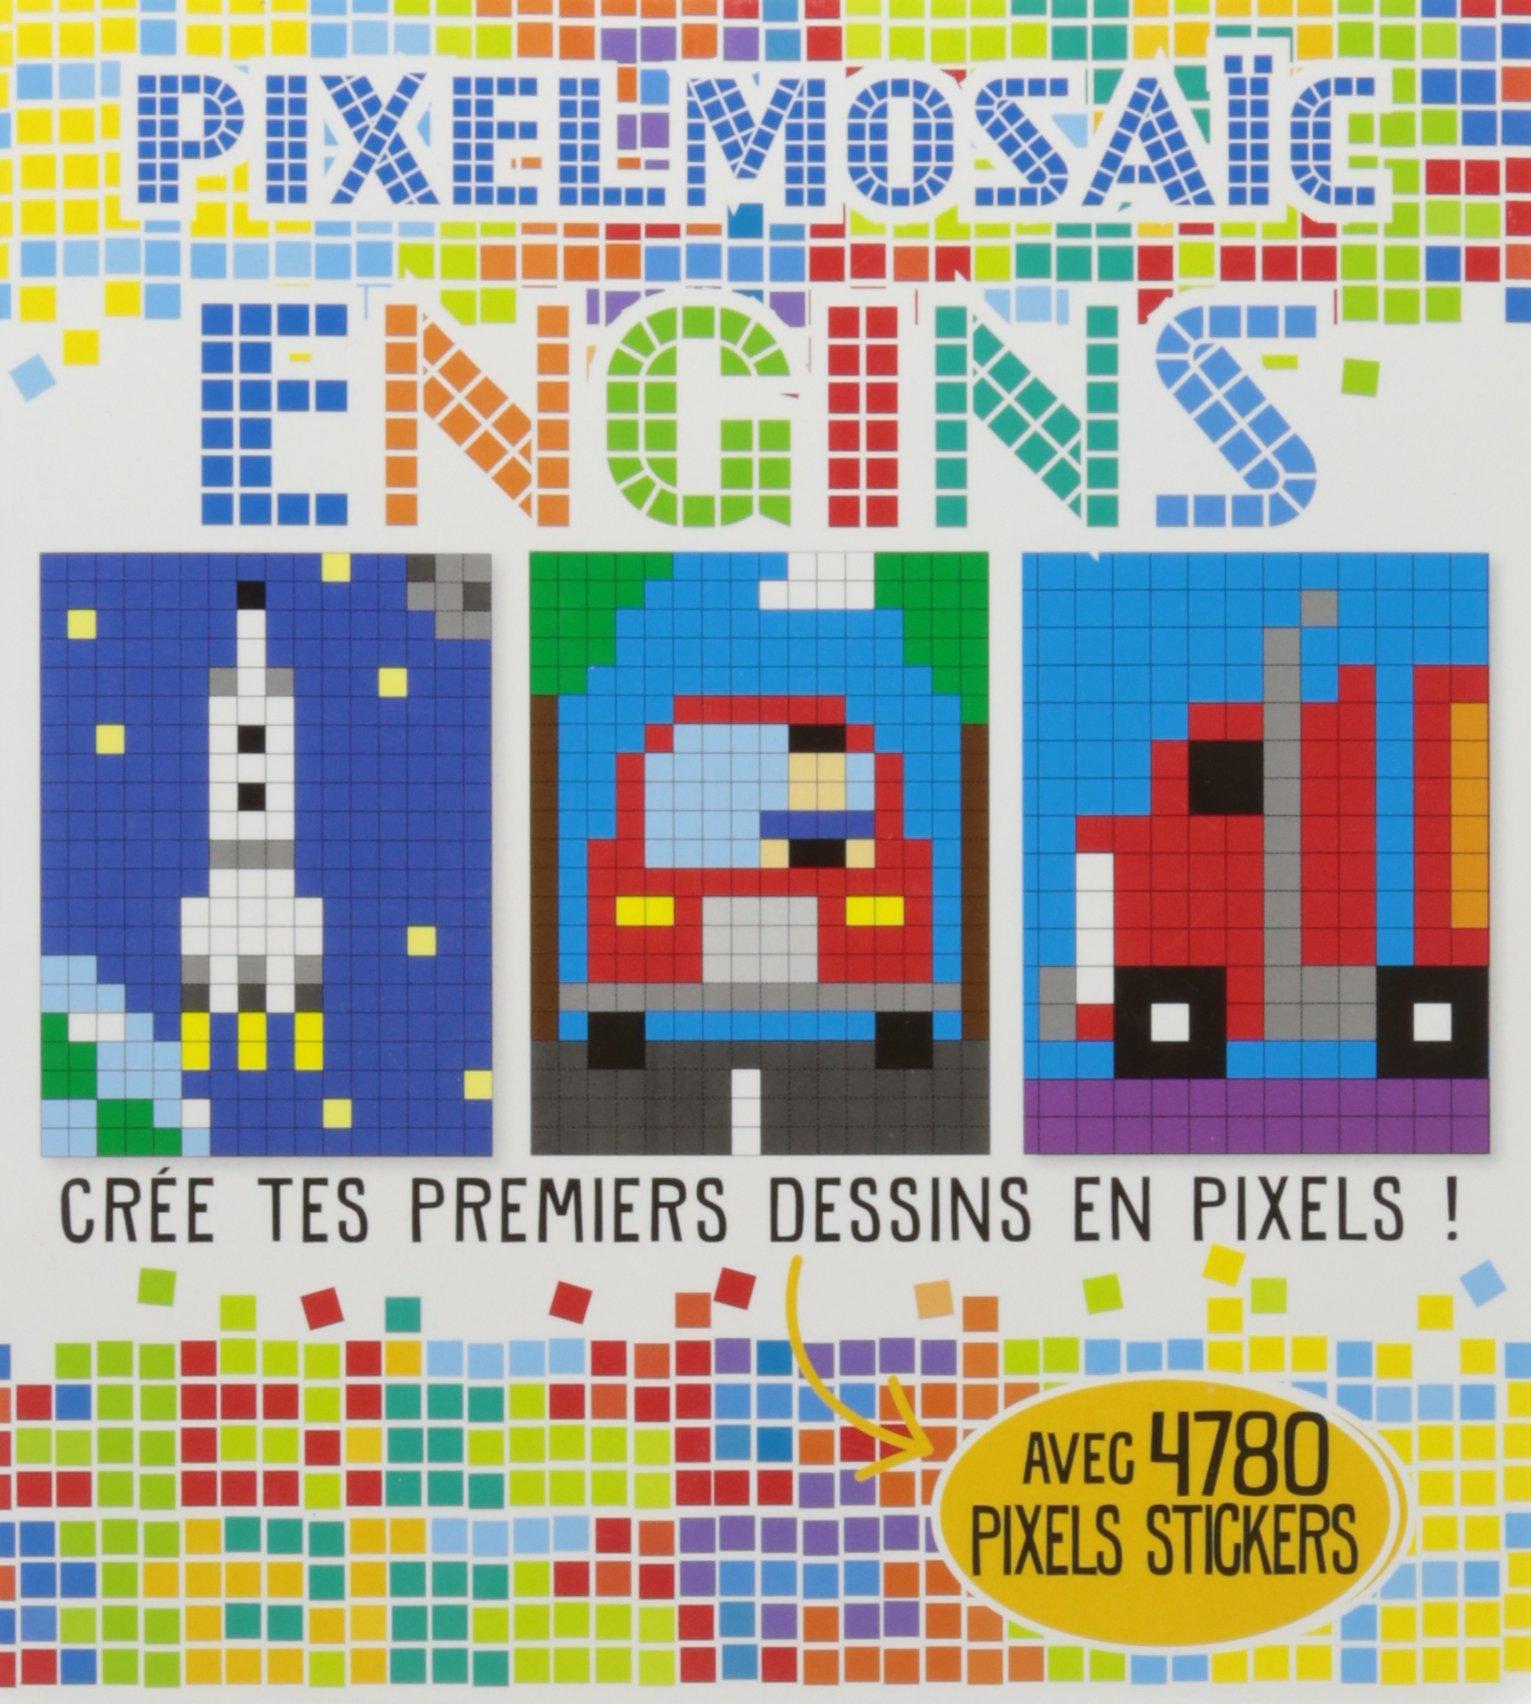 Engins Crée Tes Premiers Dessins En Pixels Elizabeth